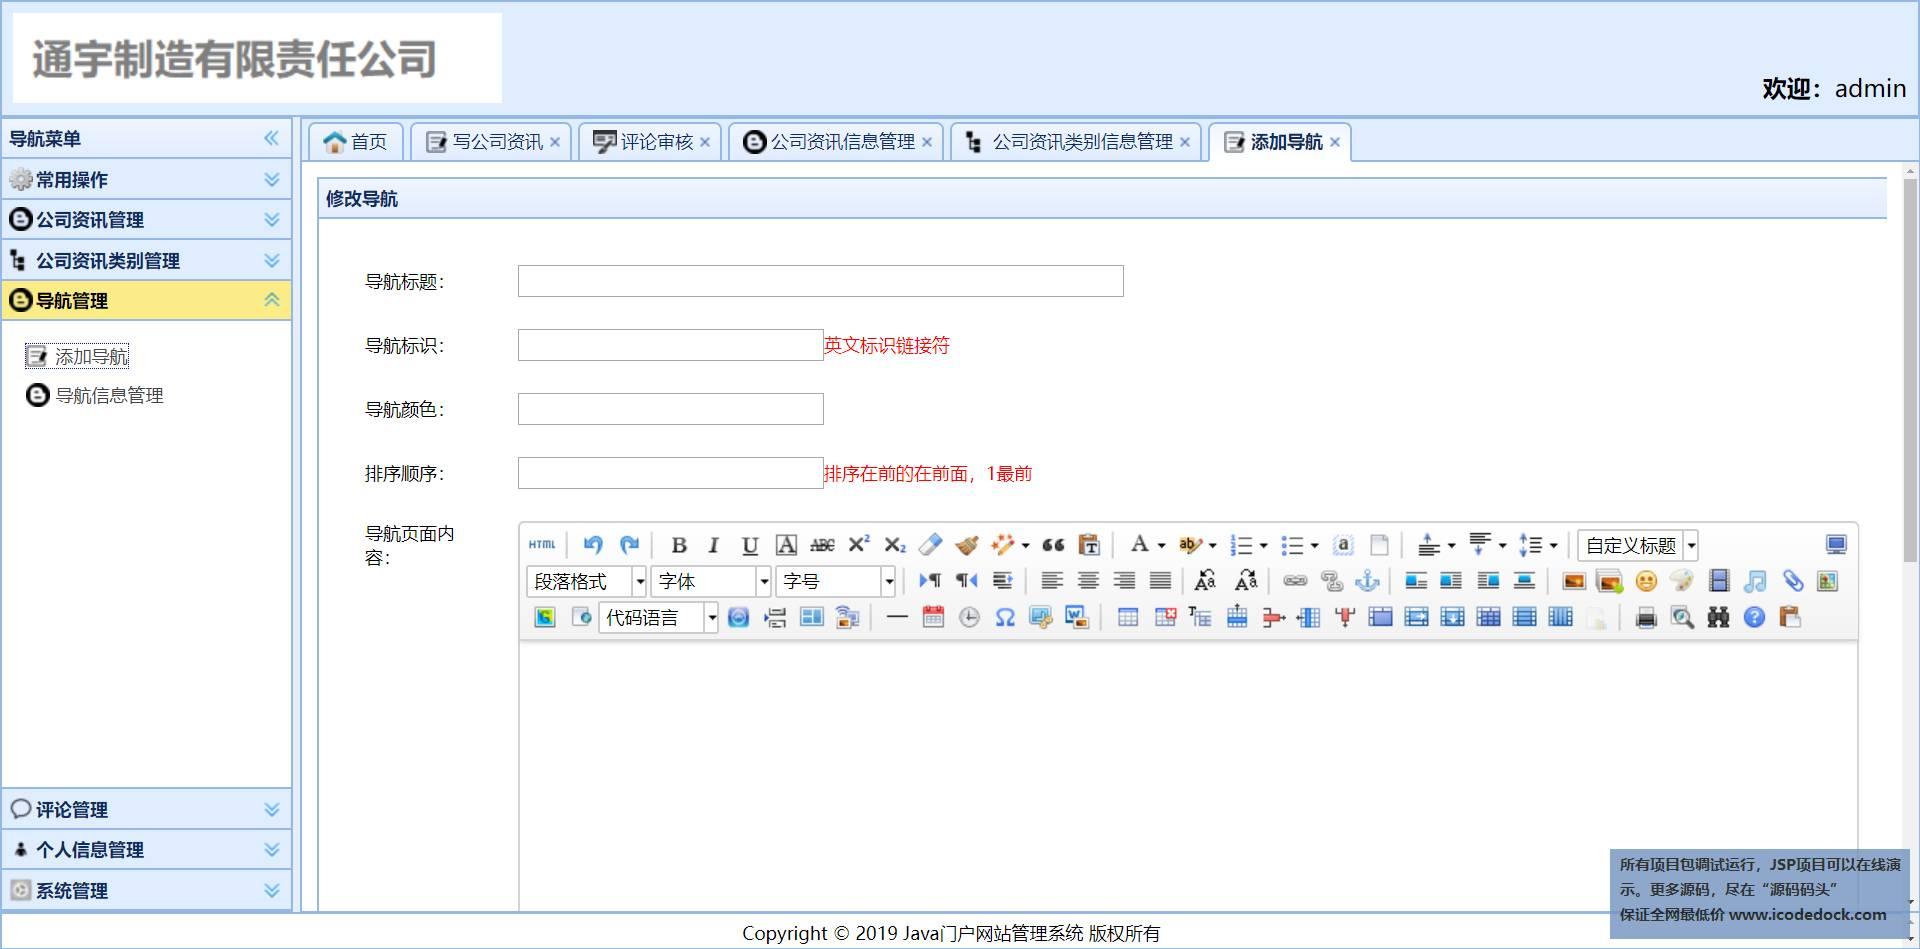 源码码头-SSM企业官方网站-管理员角色-添加导航